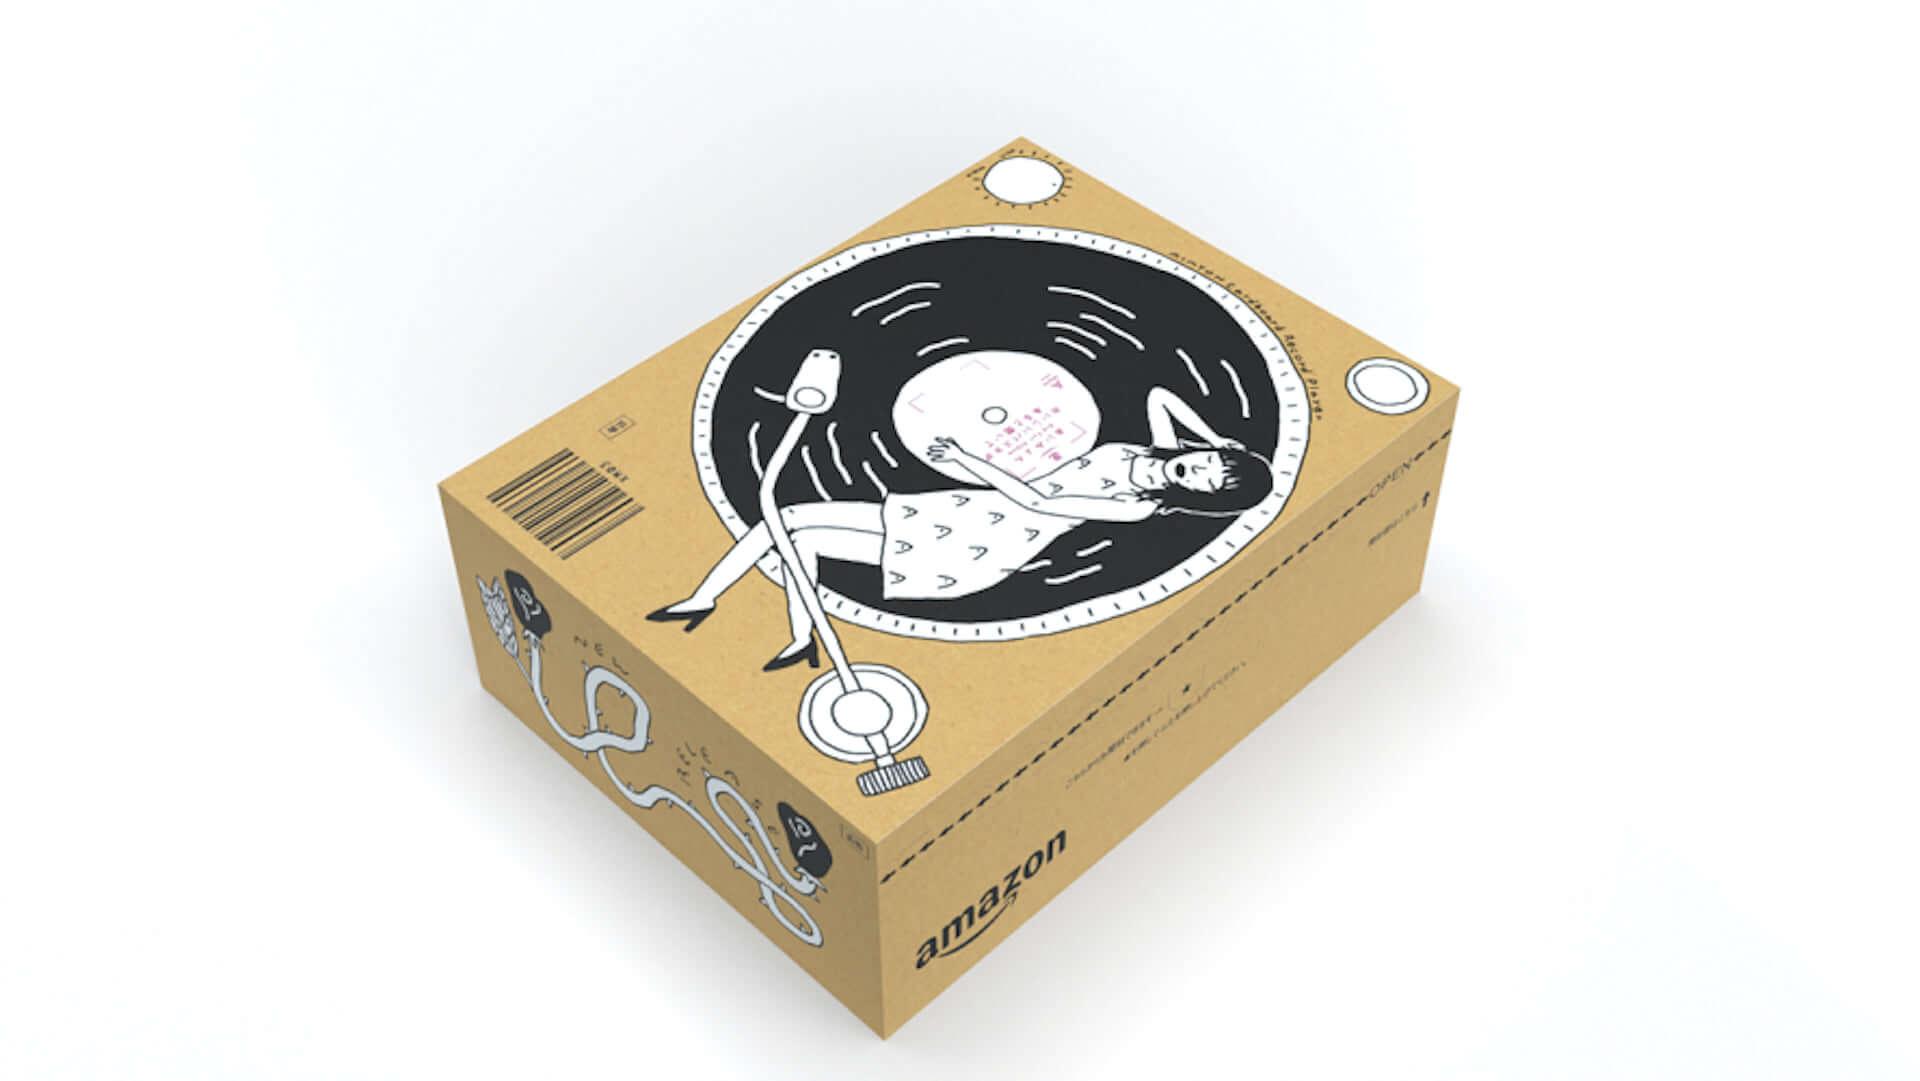 Amazonの梱包ボックスがあいみょん仕様に!とんだ林蘭が手掛ける『あいみょんオリジナルBox』が発送スタート music200911_aimyon_2-1920x1081